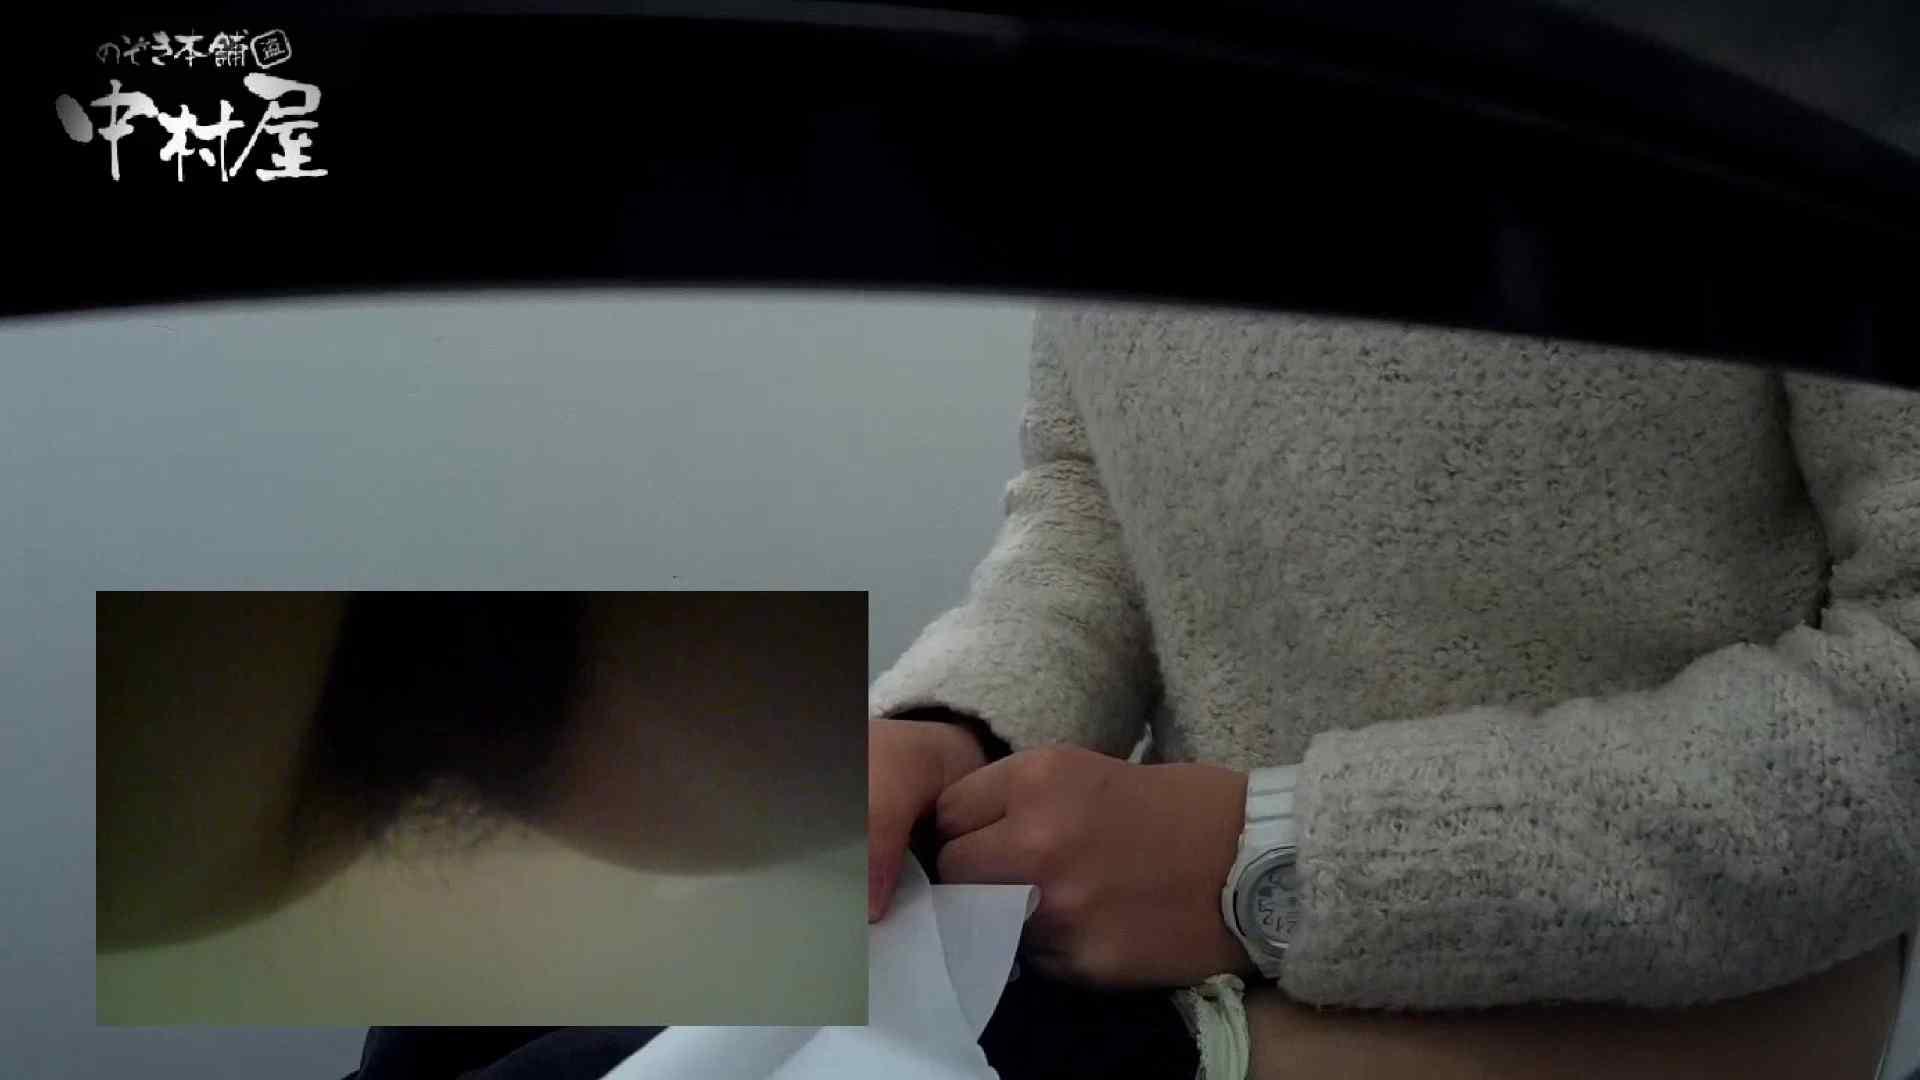 有名大学女性洗面所 vol.54 設置撮影最高峰!! 3視点でじっくり観察 0  41連発 36